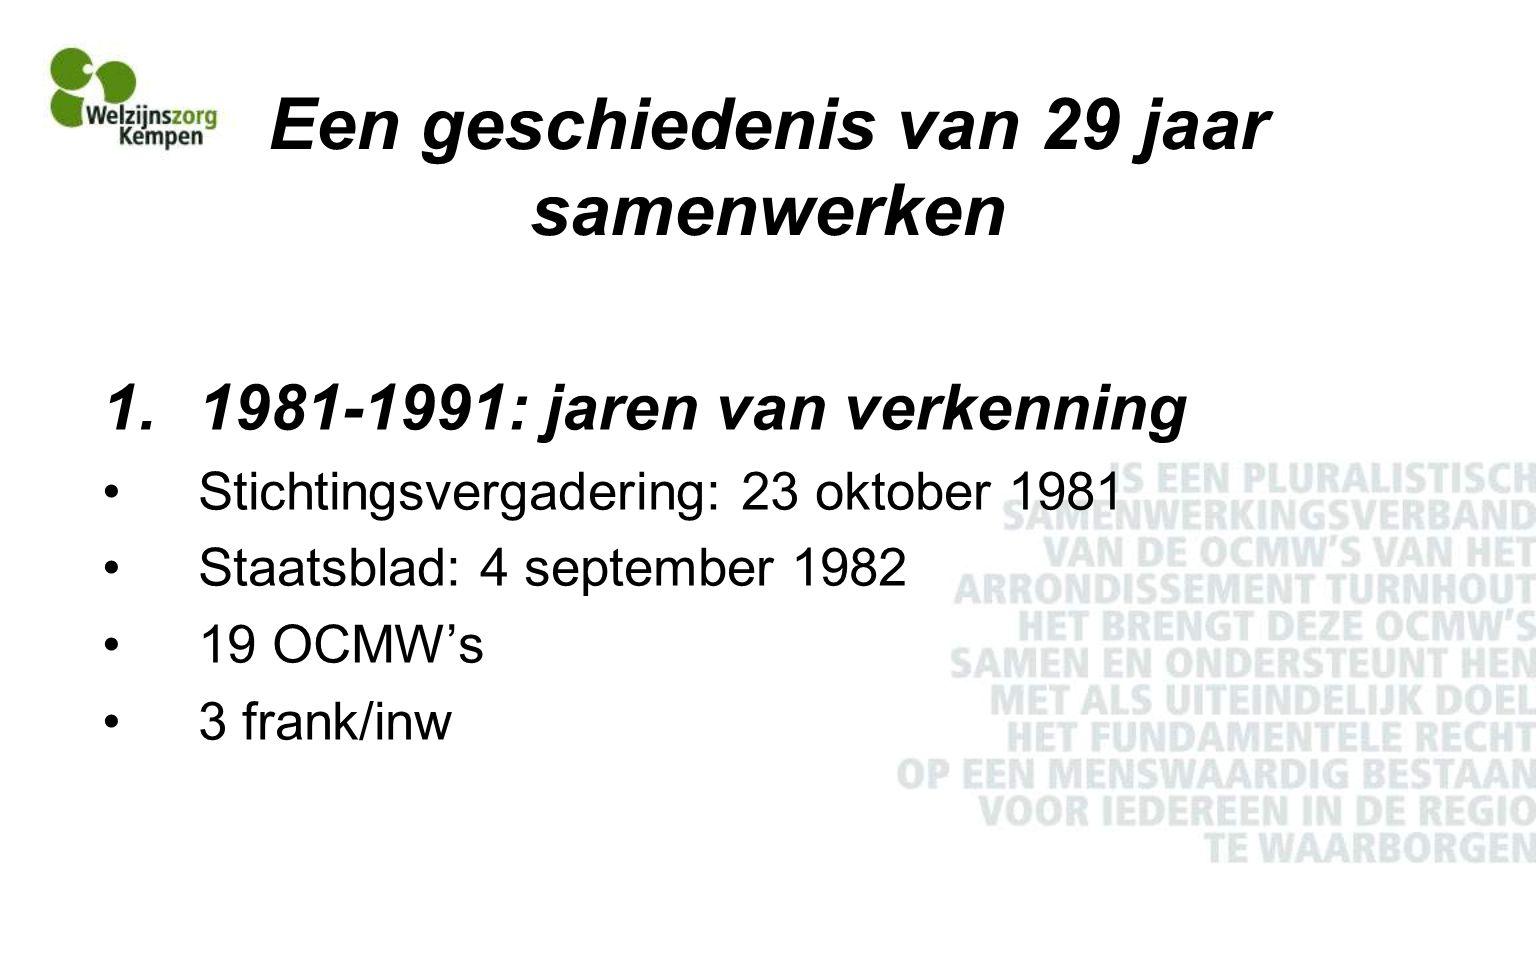 Een geschiedenis van 29 jaar samenwerken 1.1981-1991: jaren van verkenning Stichtingsvergadering: 23 oktober 1981 Staatsblad: 4 september 1982 19 OCMW's 3 frank/inw